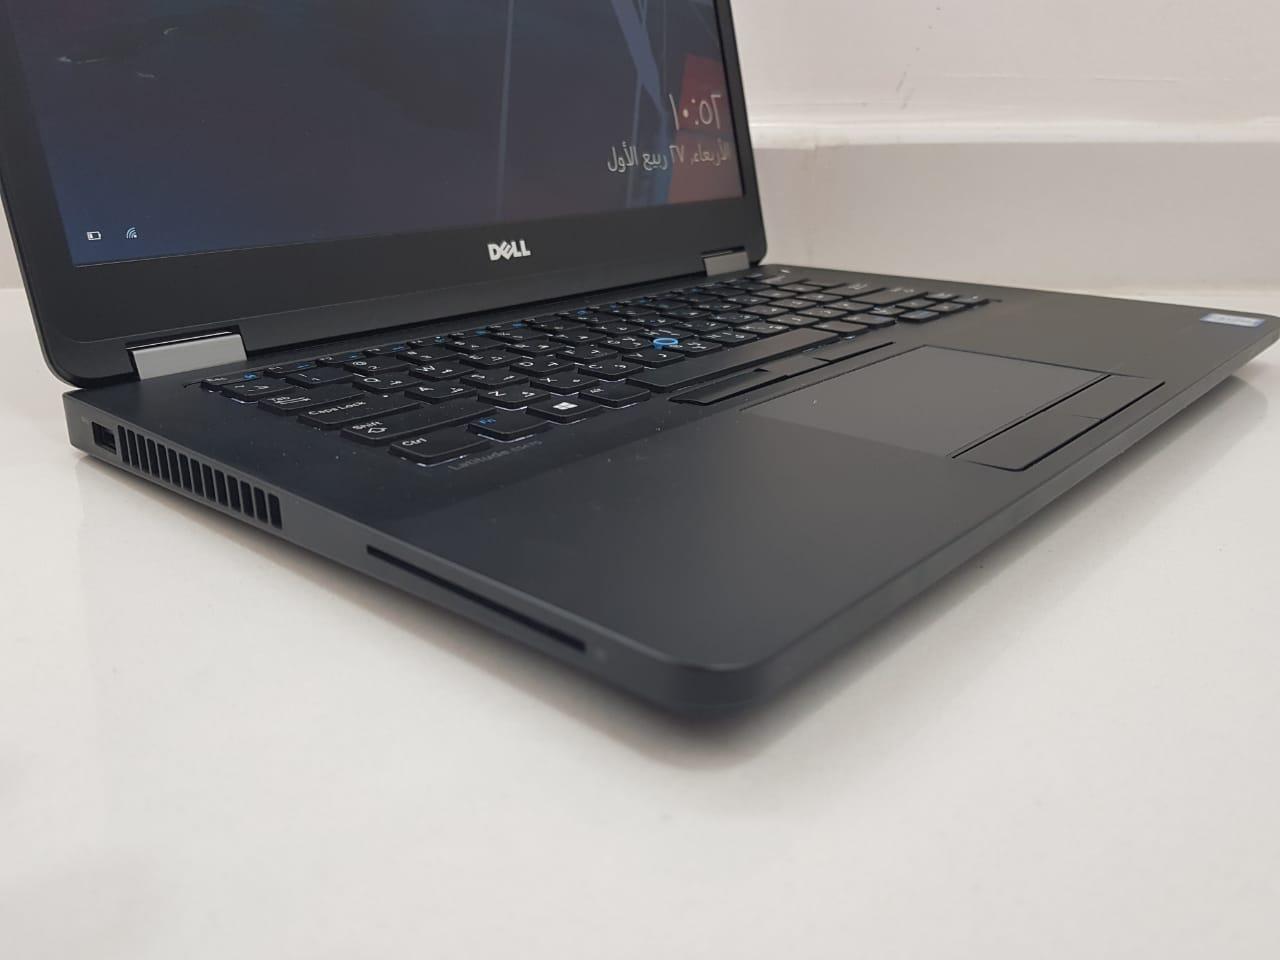 HP Super Gaming i7 9th Gen 12GB Graphic 16GB Ram Laptop-  Dell Latitude E5470 لا...